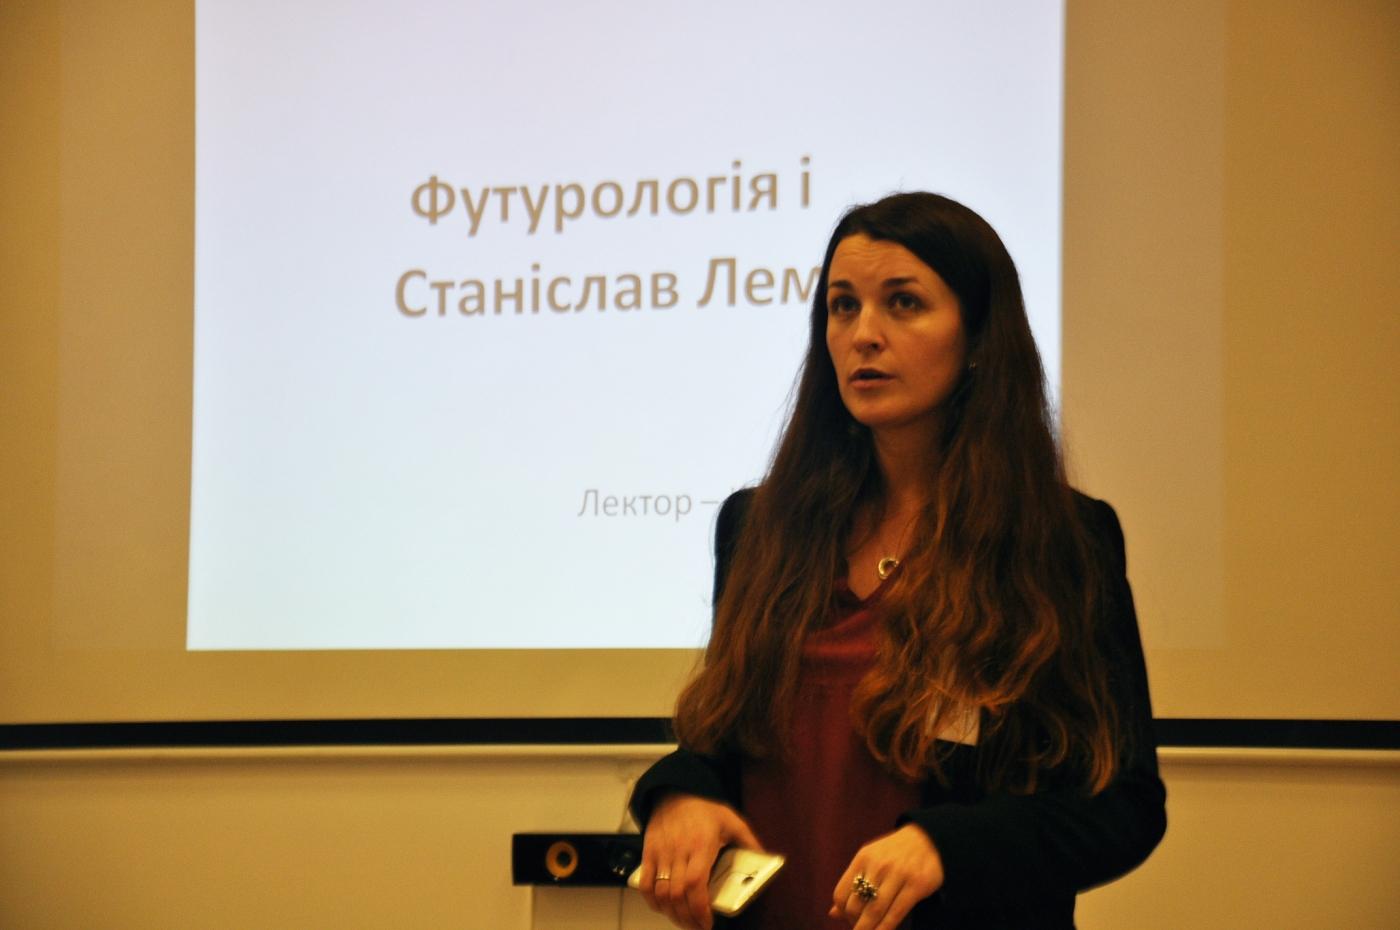 Ольга Муха, PEN Конгрес: «Можемо навчитися чути іншого, і тоді почують нас»